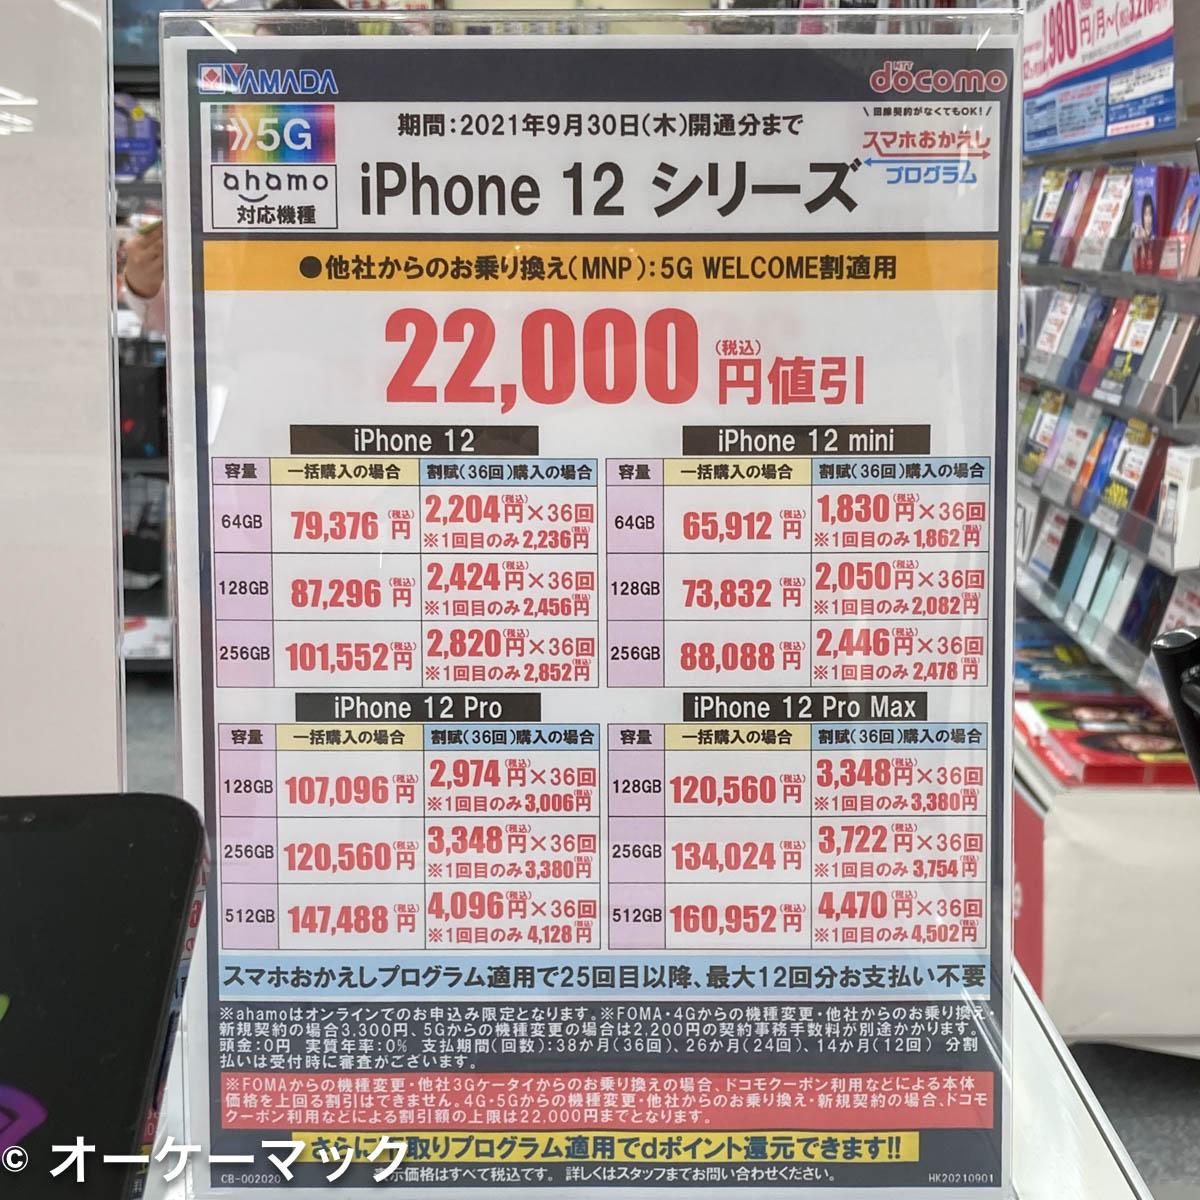 ドコモの iPhone 12 mini は65,912円で販売中